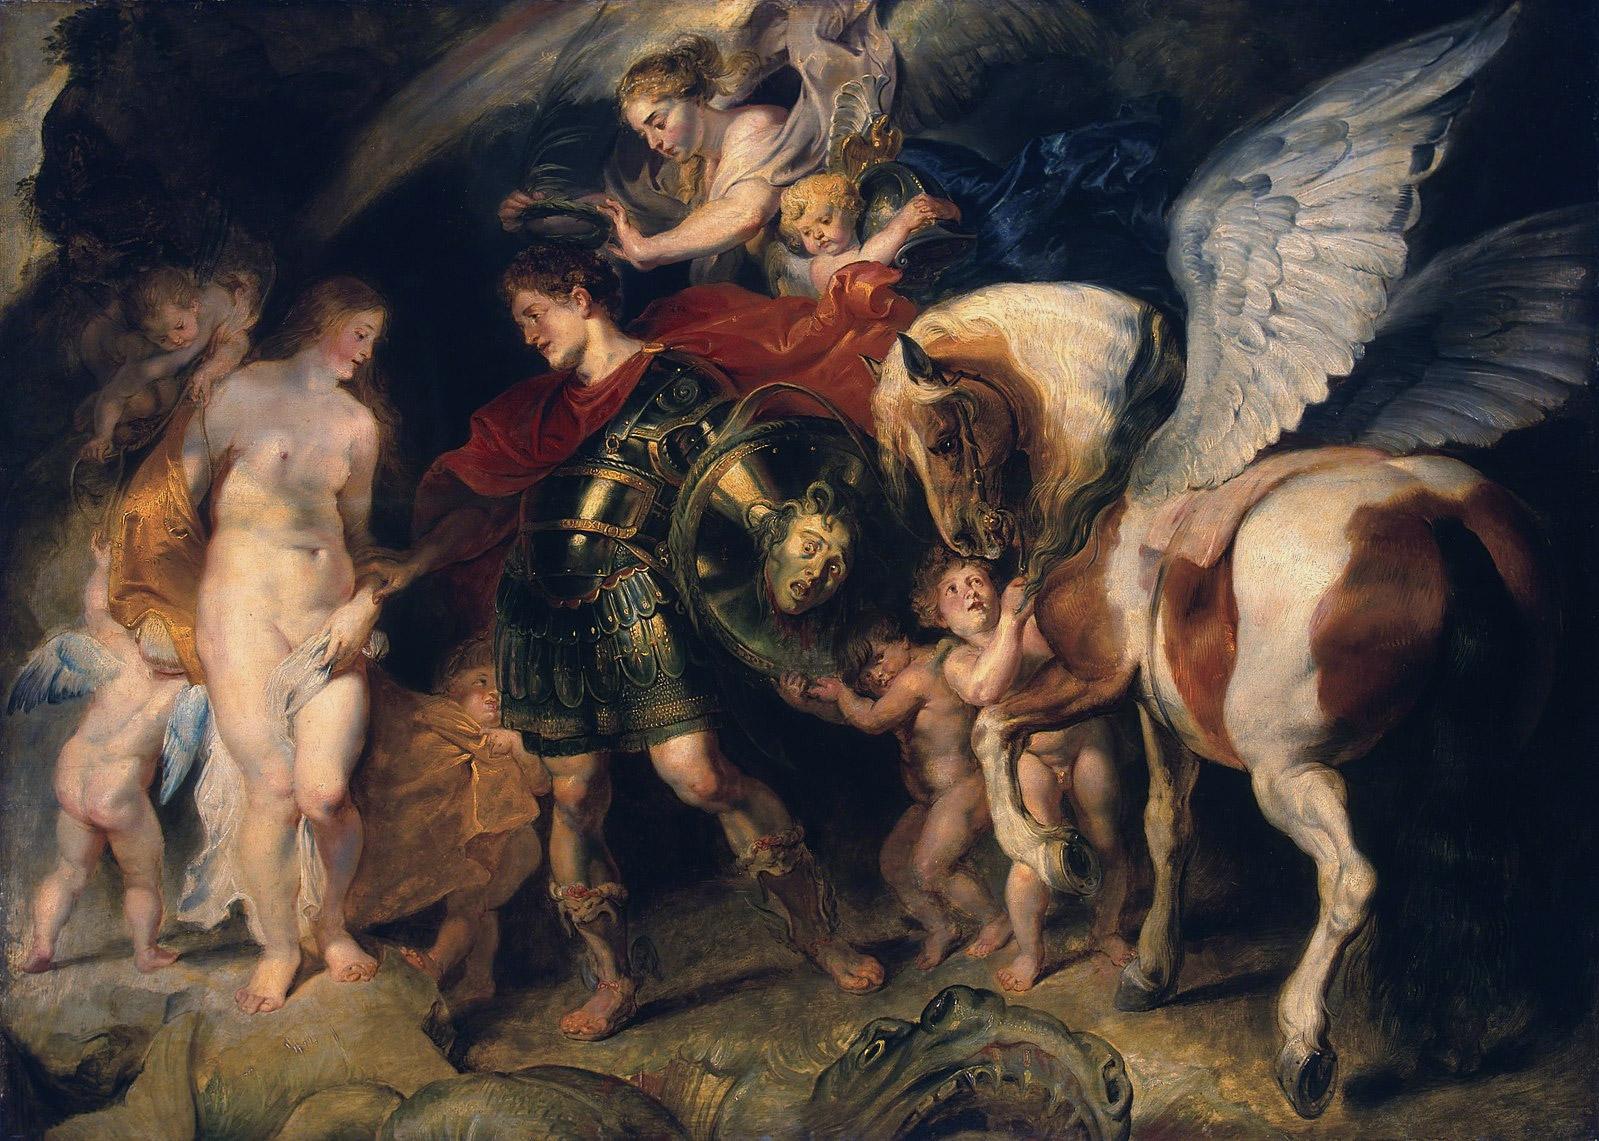 Персей и Андромеда. Рубенс, 1621. Масло